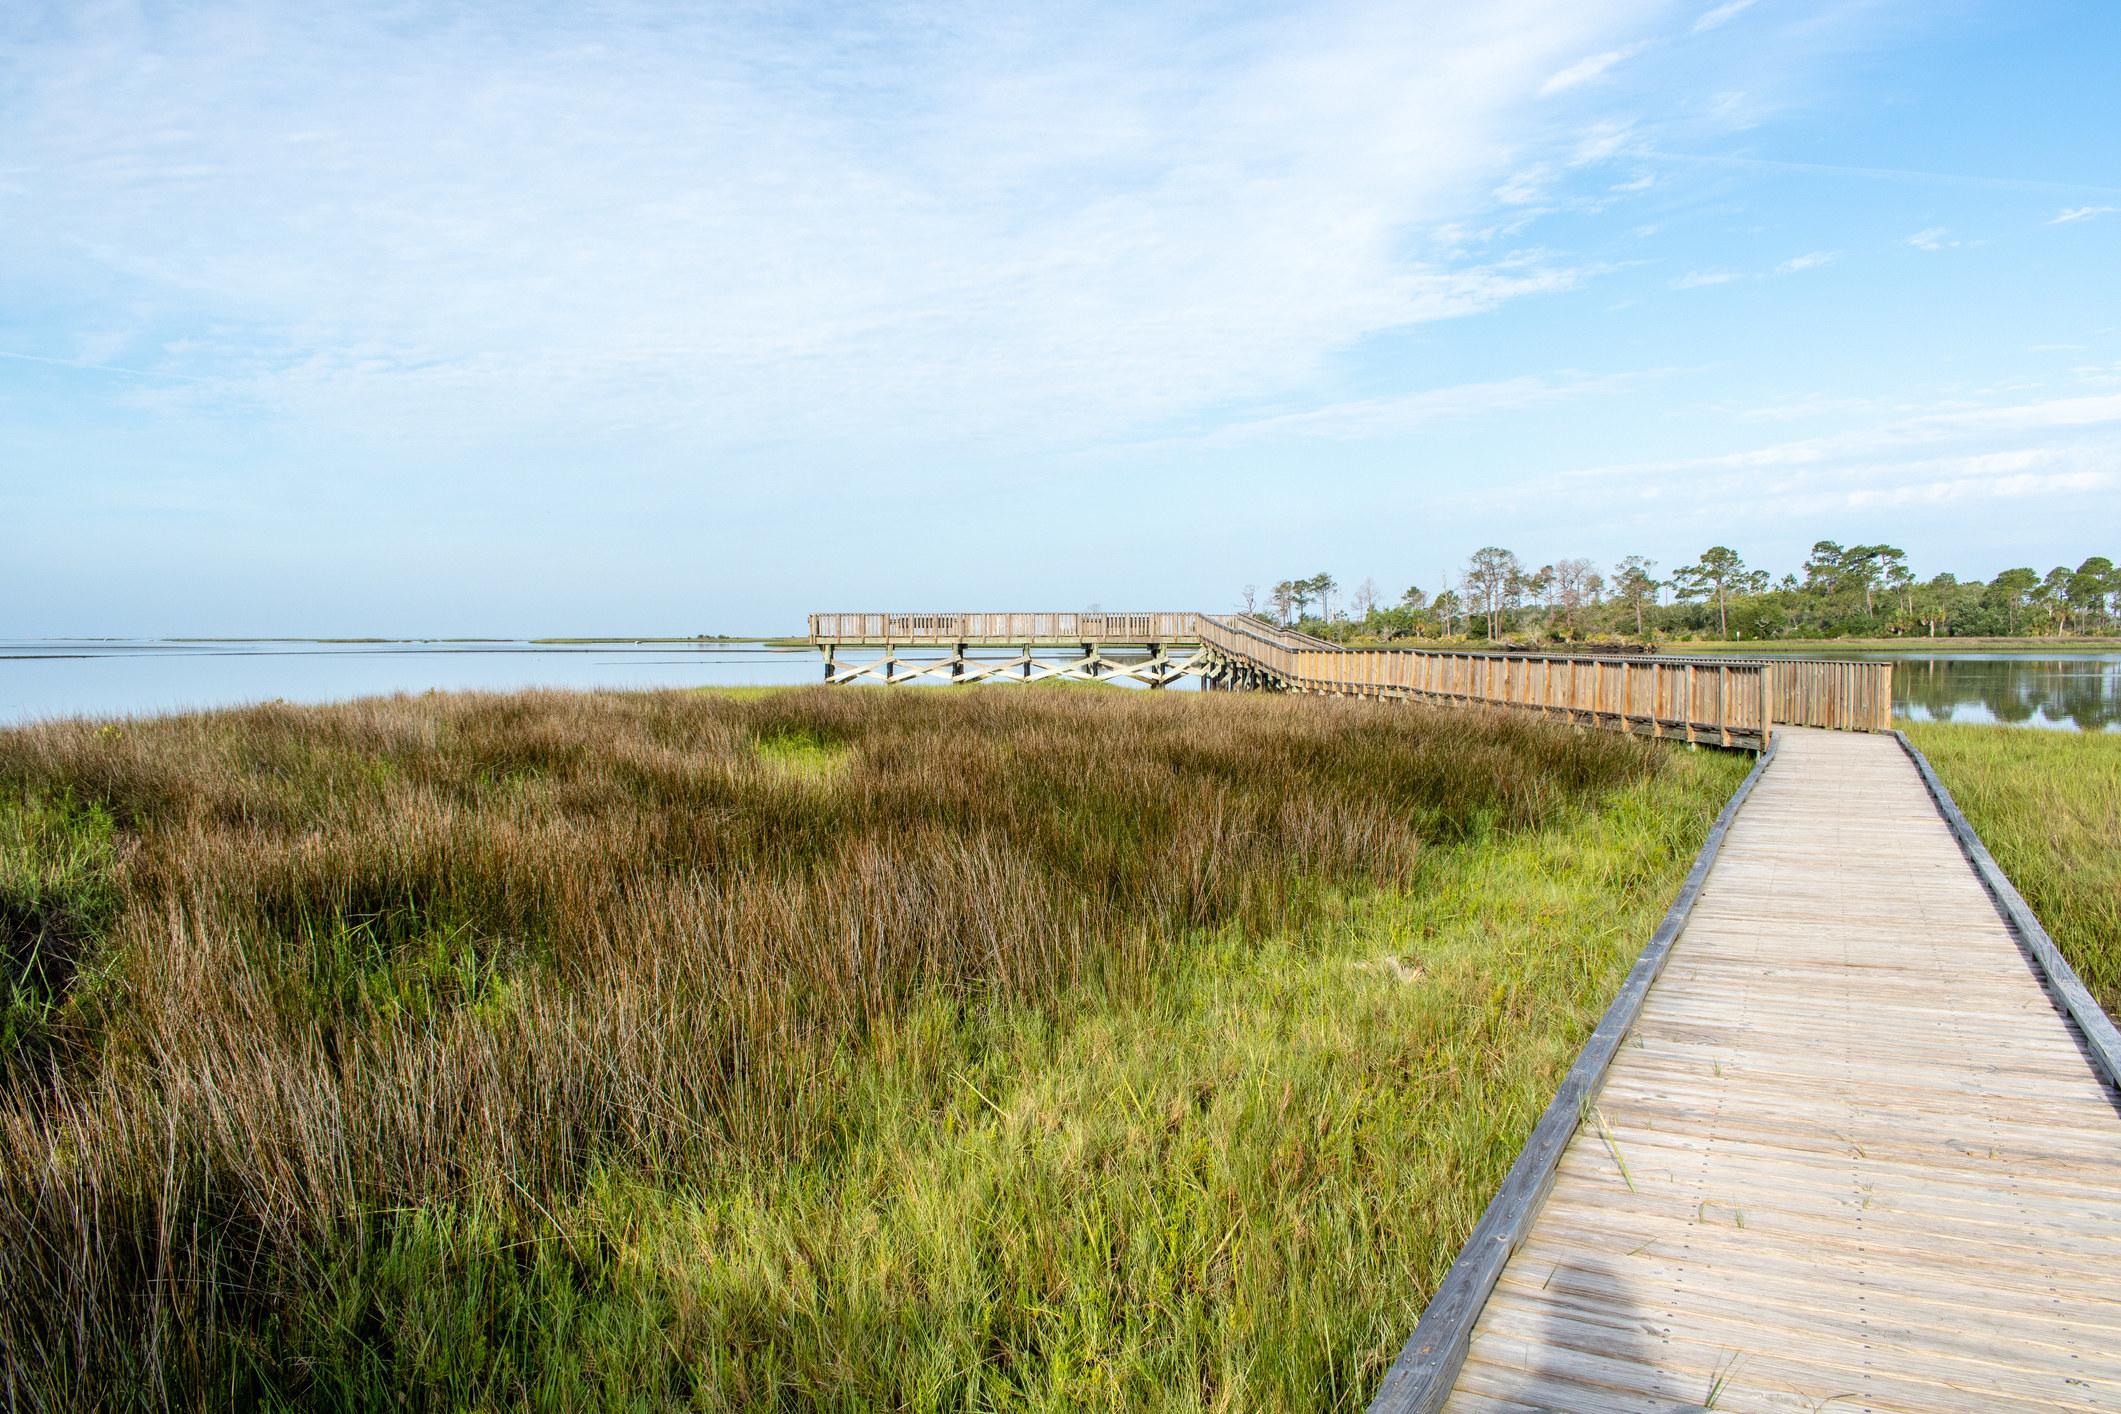 Photo of Cedar Key boardwalk and beach